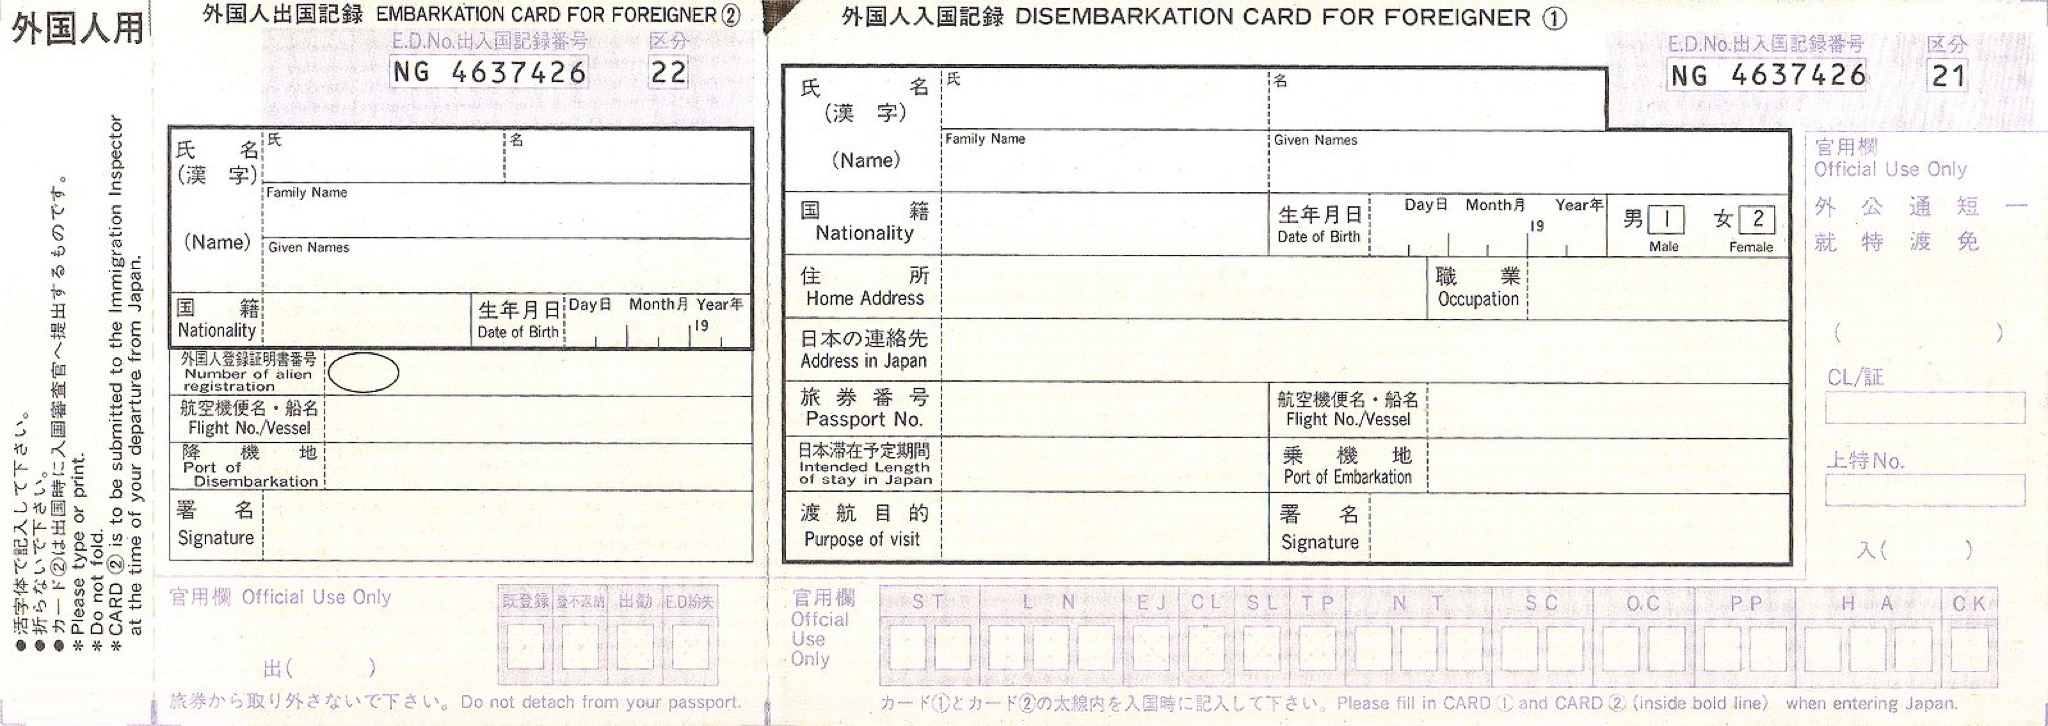 移民の入国に抵抗する日本